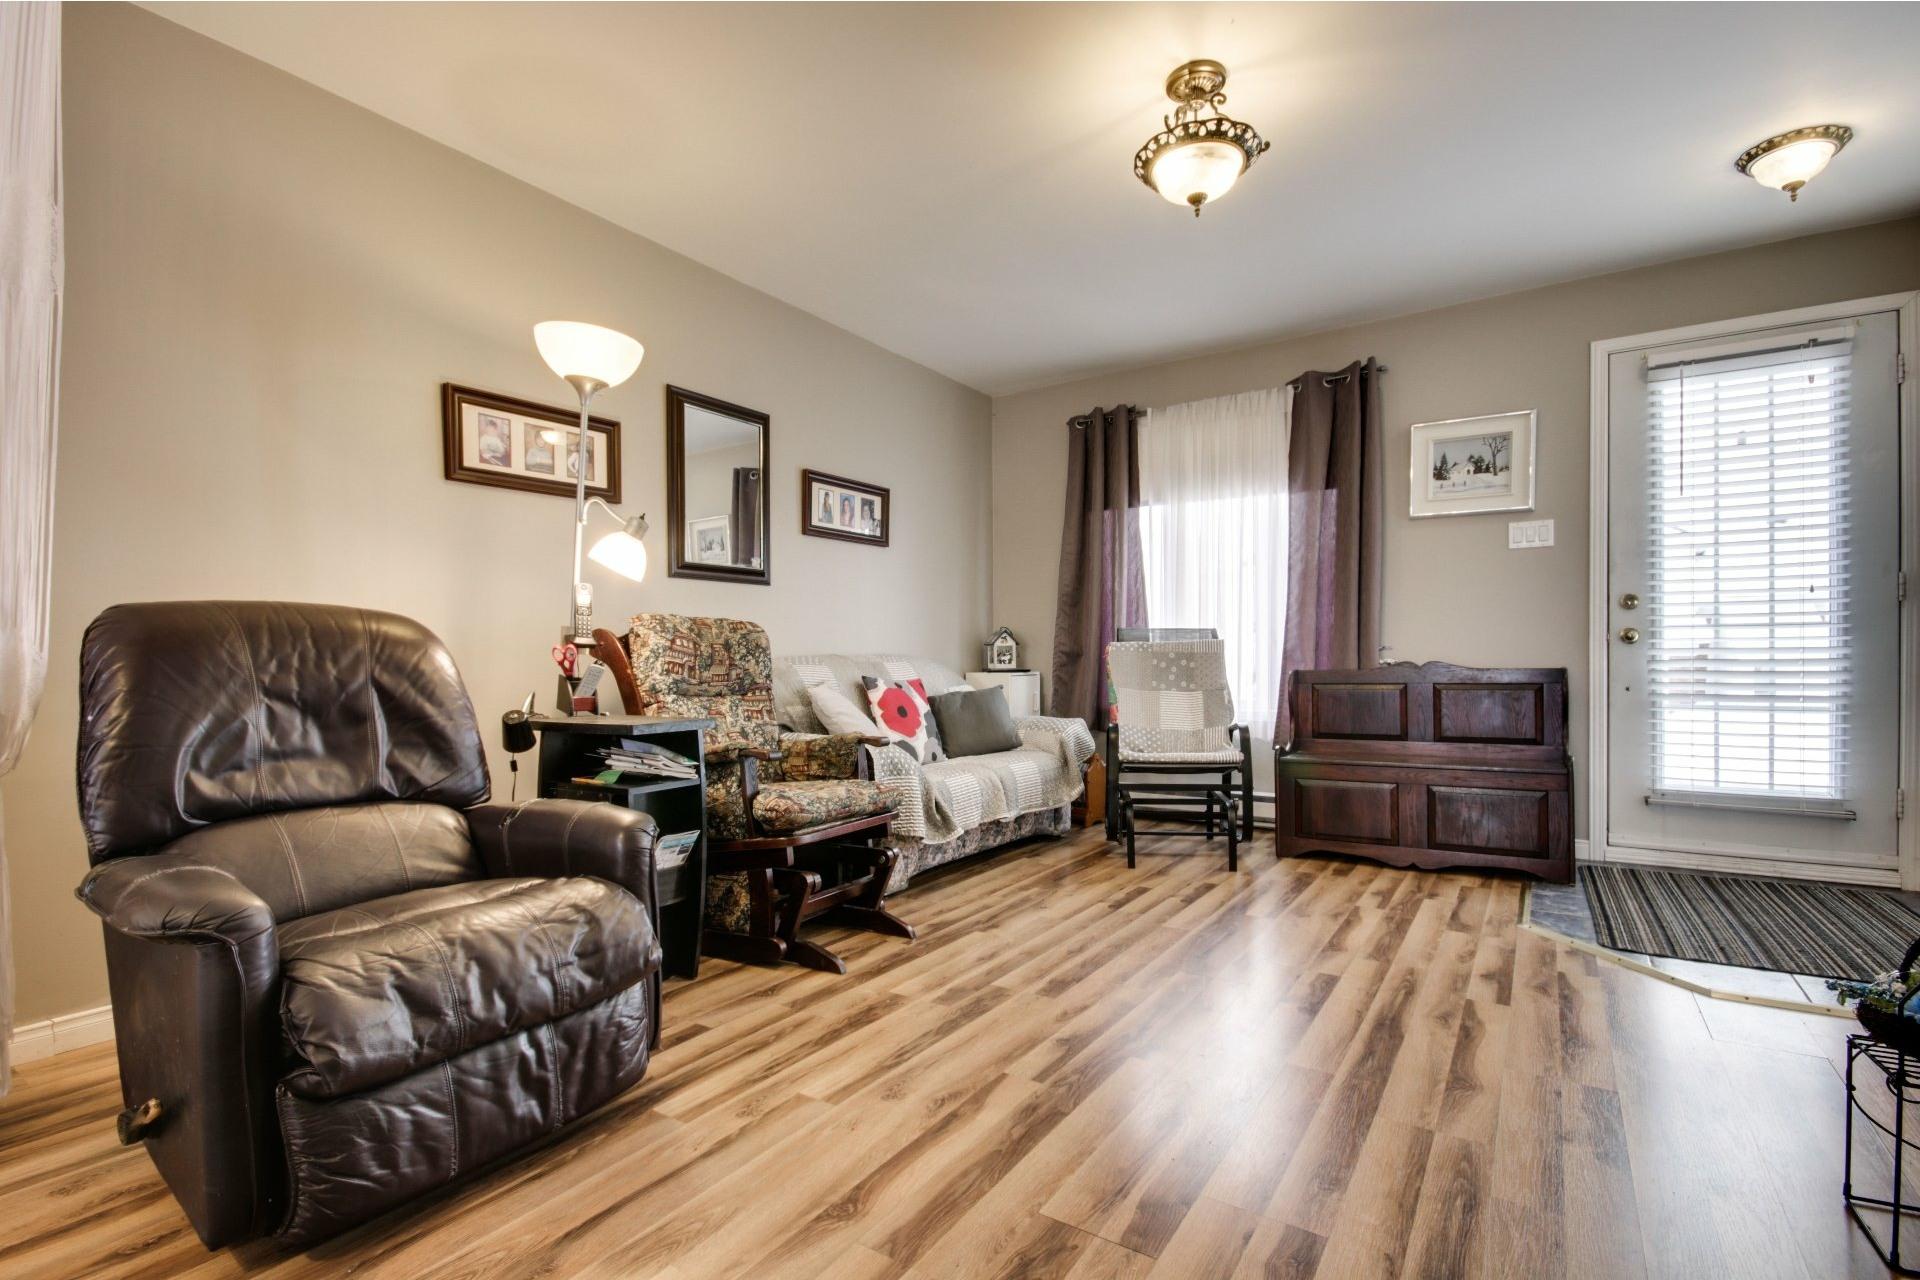 image 3 - House For sale Trois-Rivières - 10 rooms